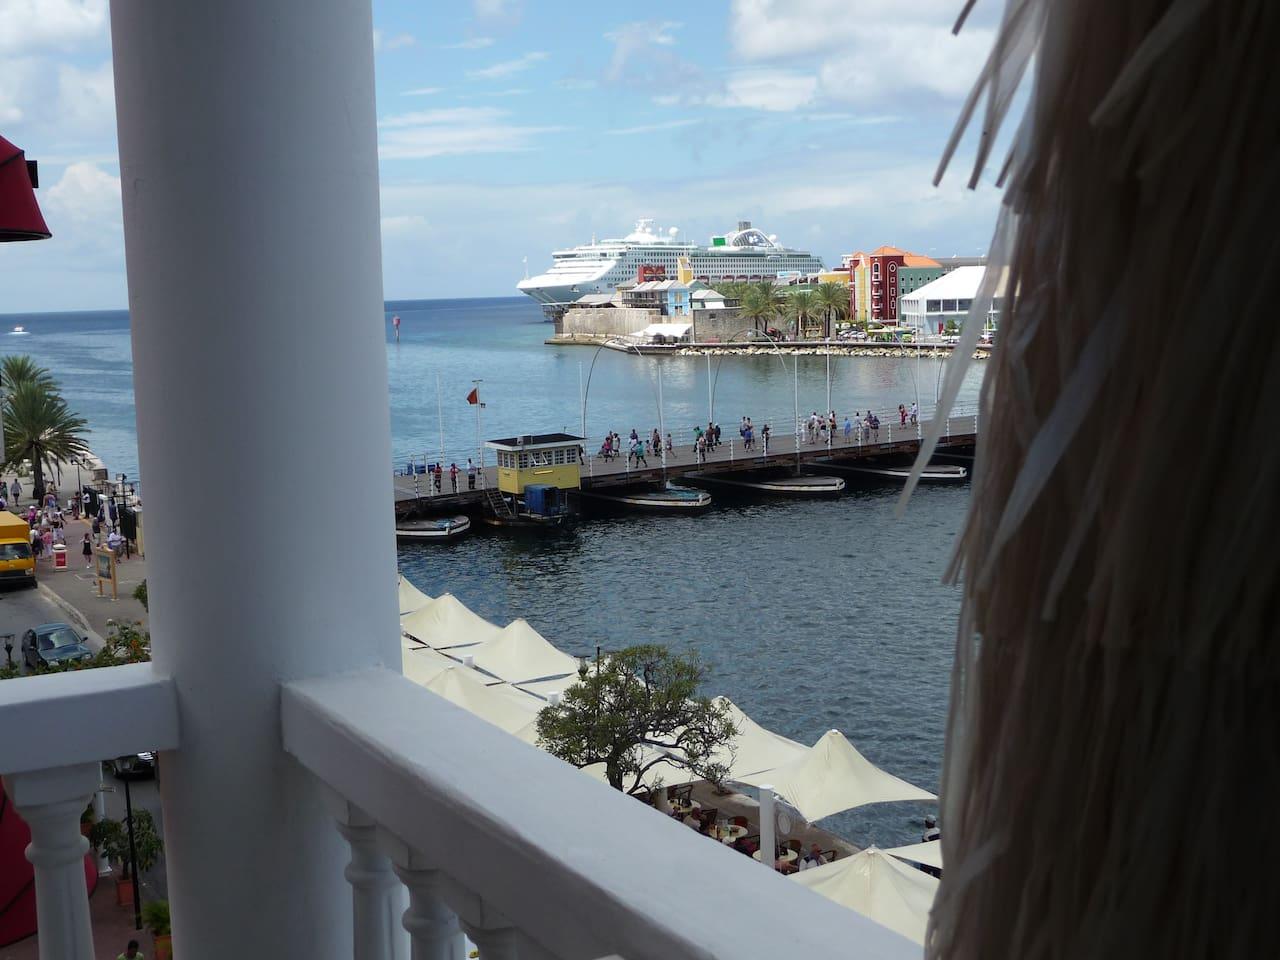 uitzicht op pontjesbrug, megapier voor cruisschepen en zee